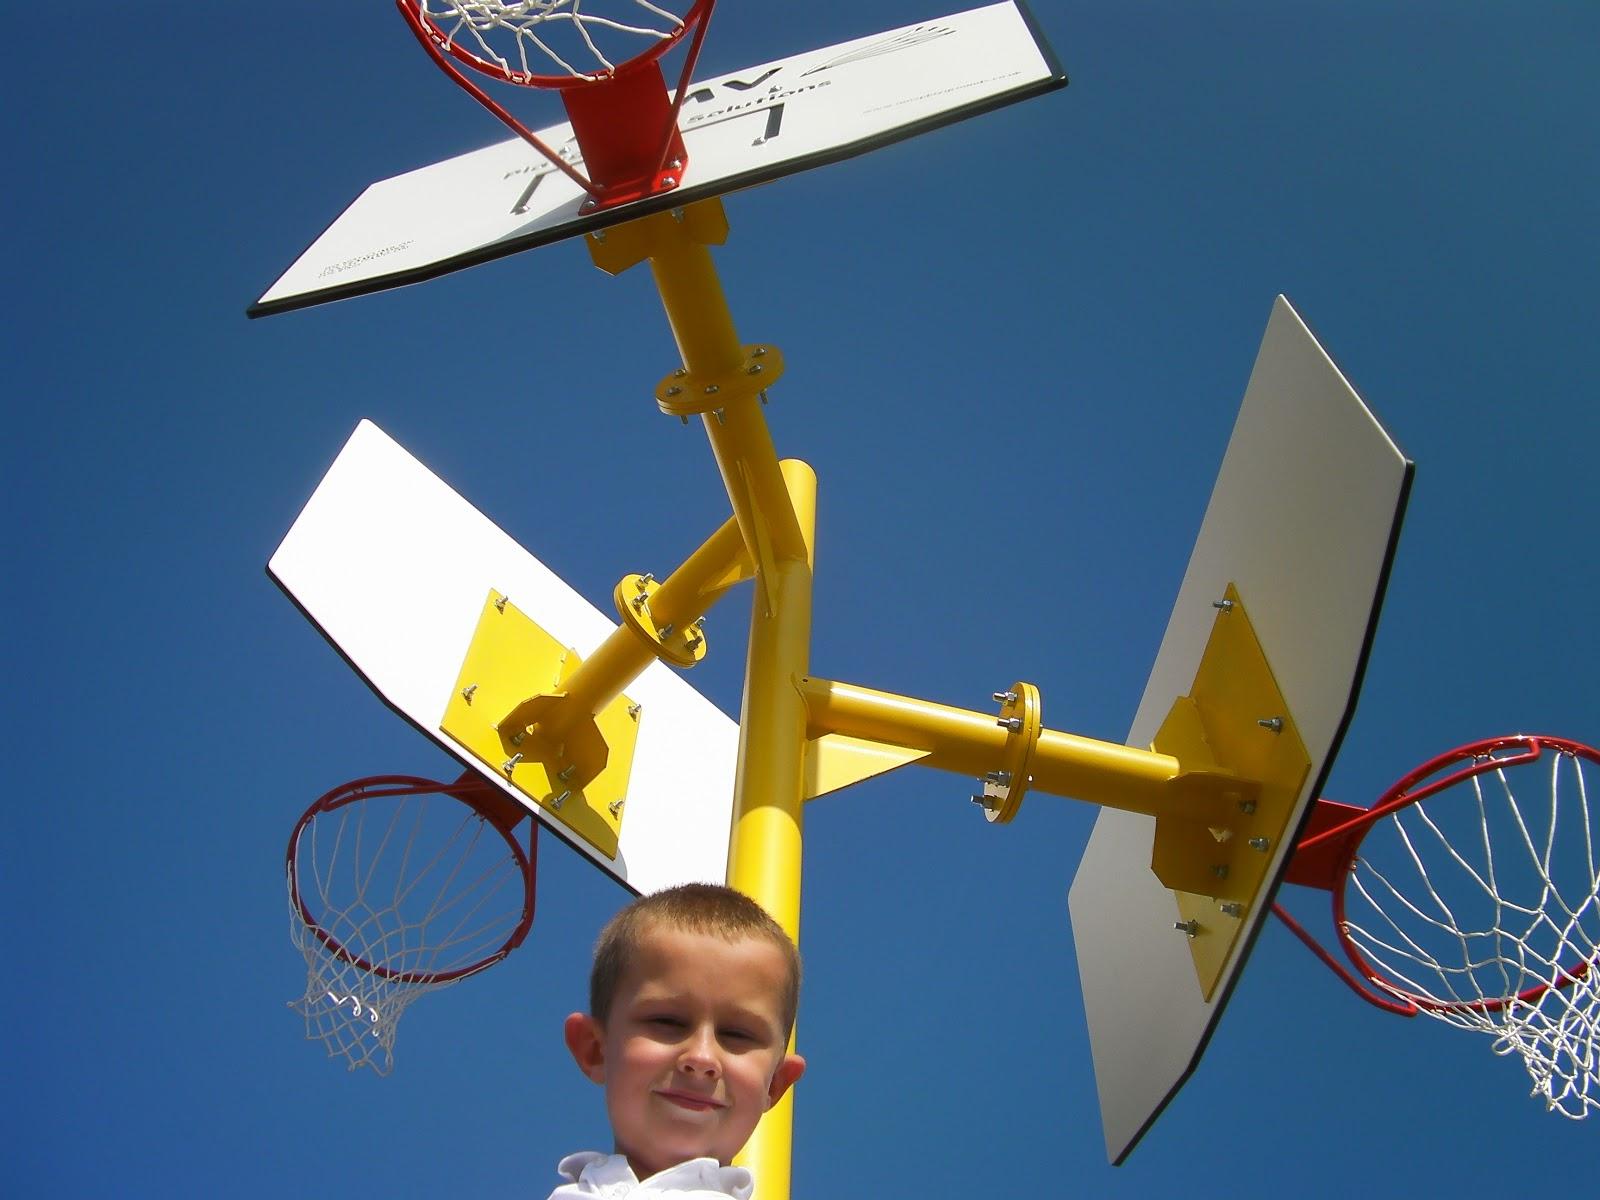 triple hoop basketball game school playground